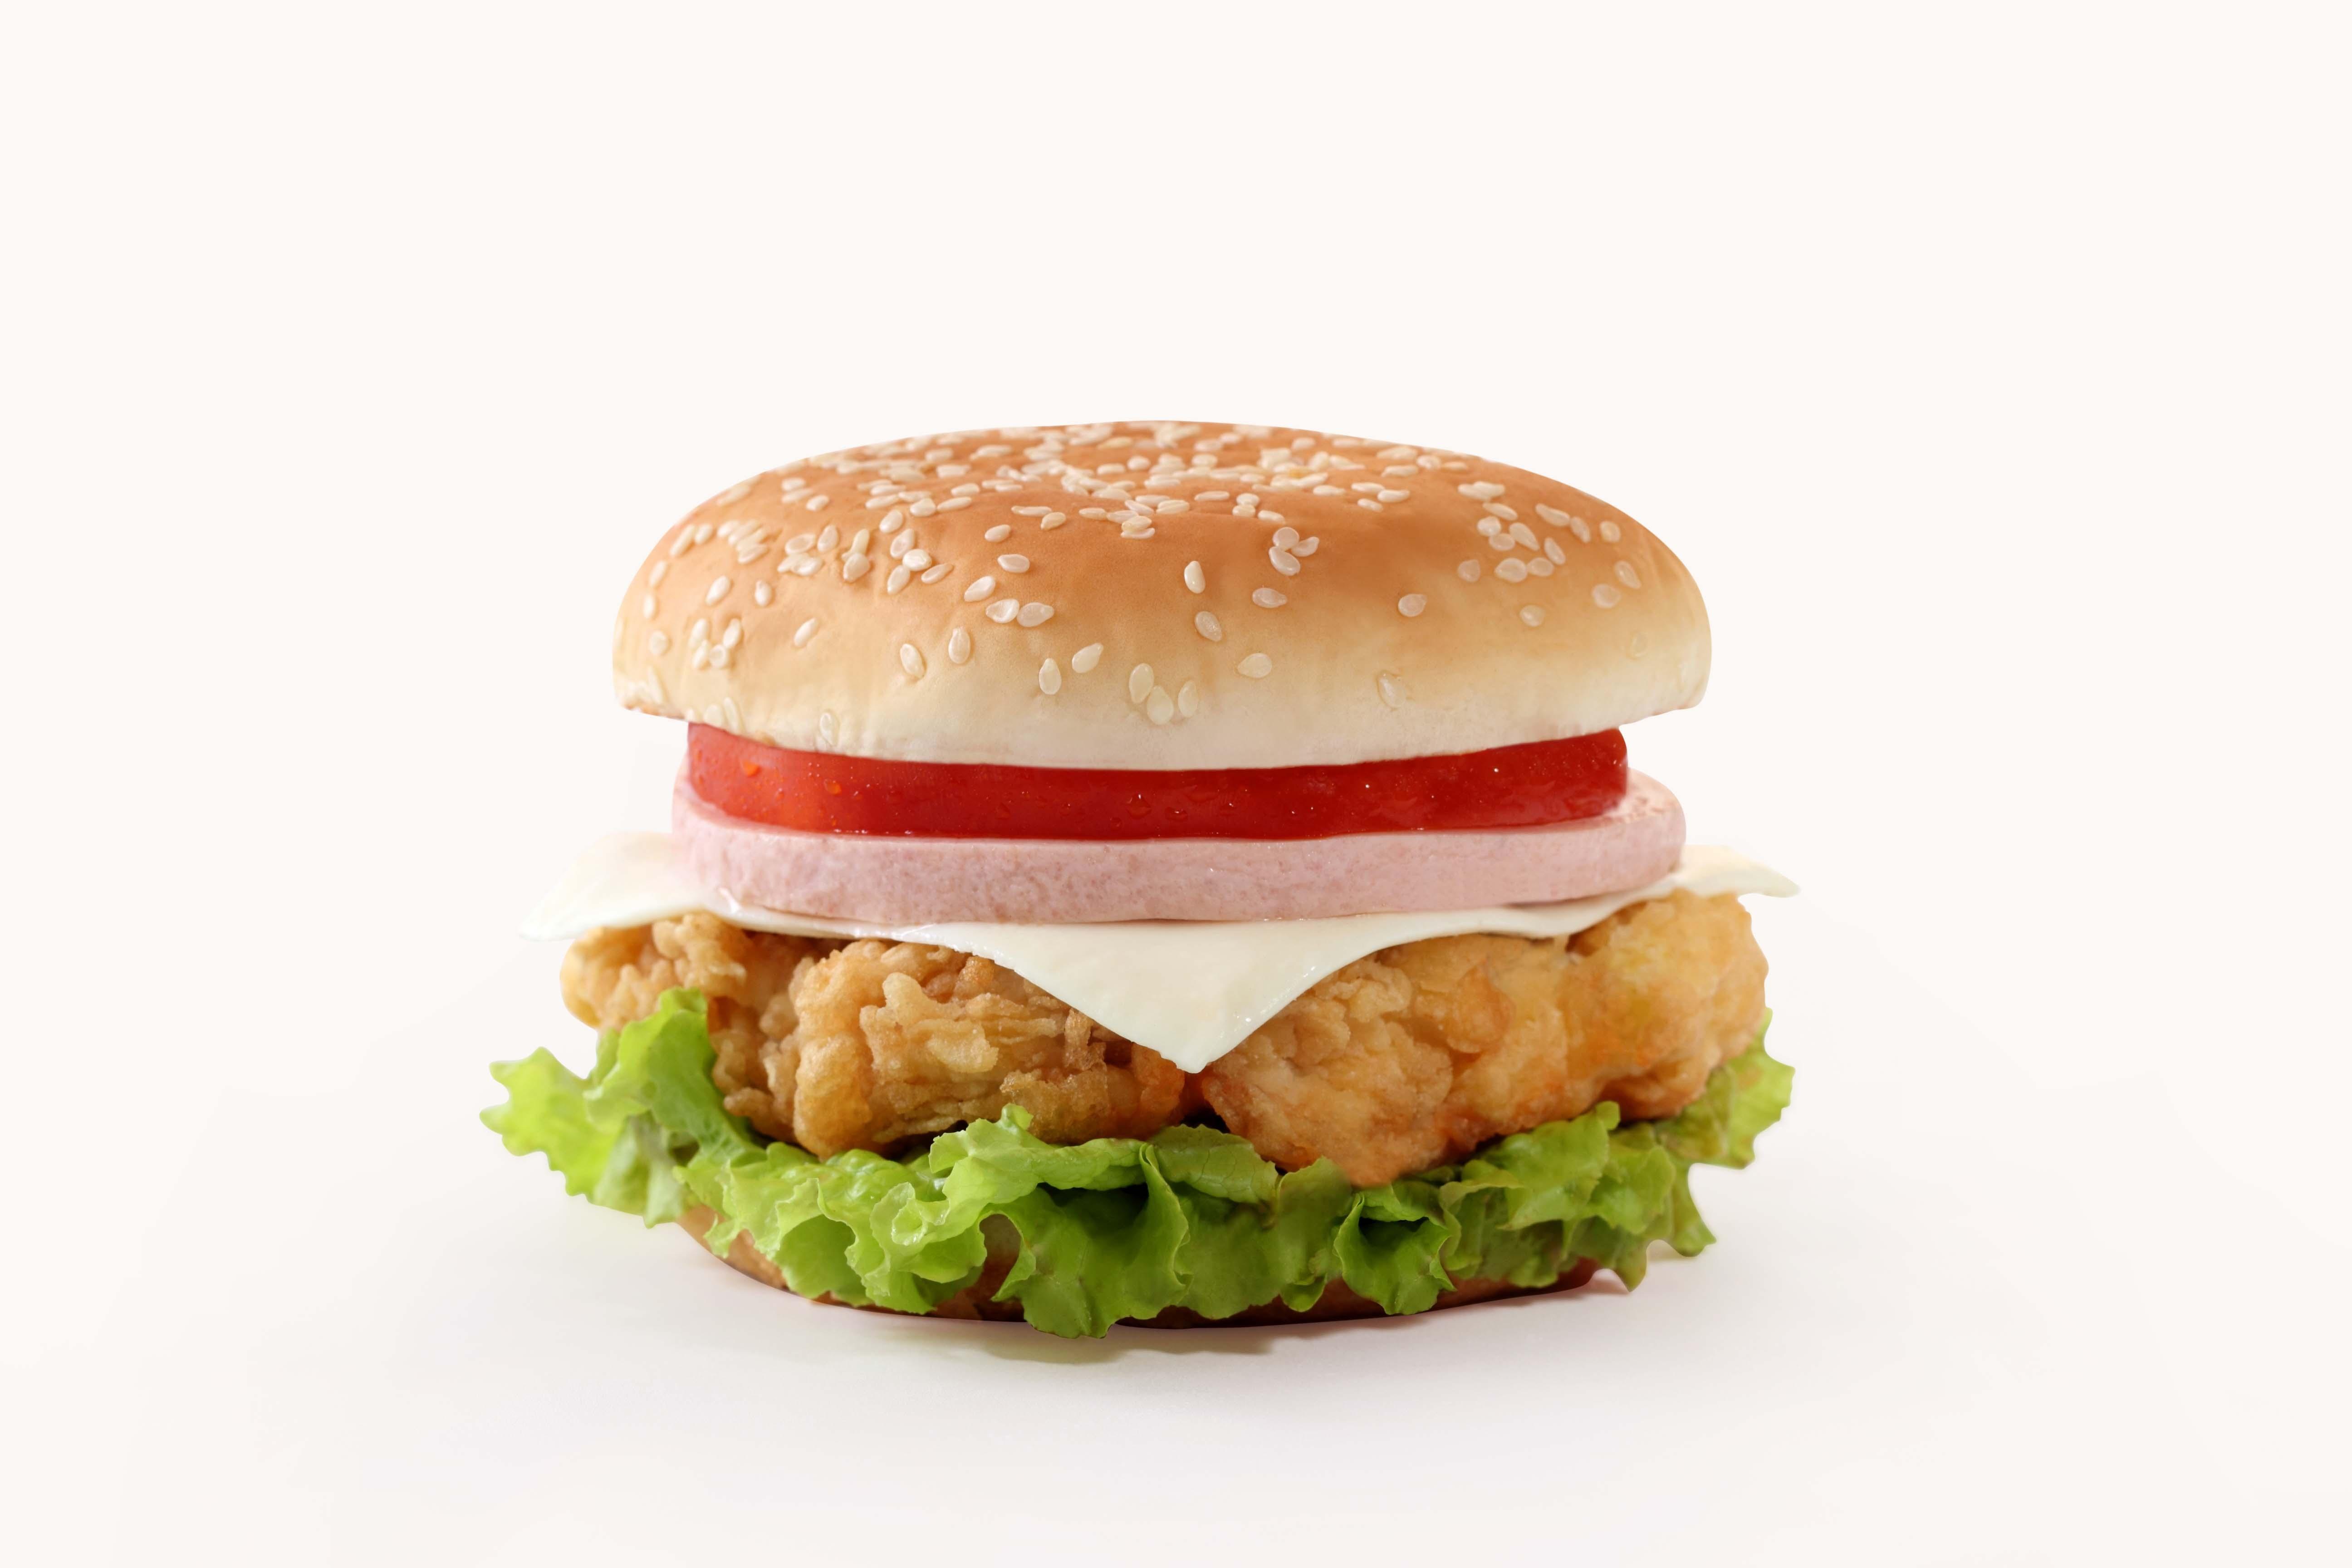 burger-cheese-food-hamburger.jpg (5184×3456)